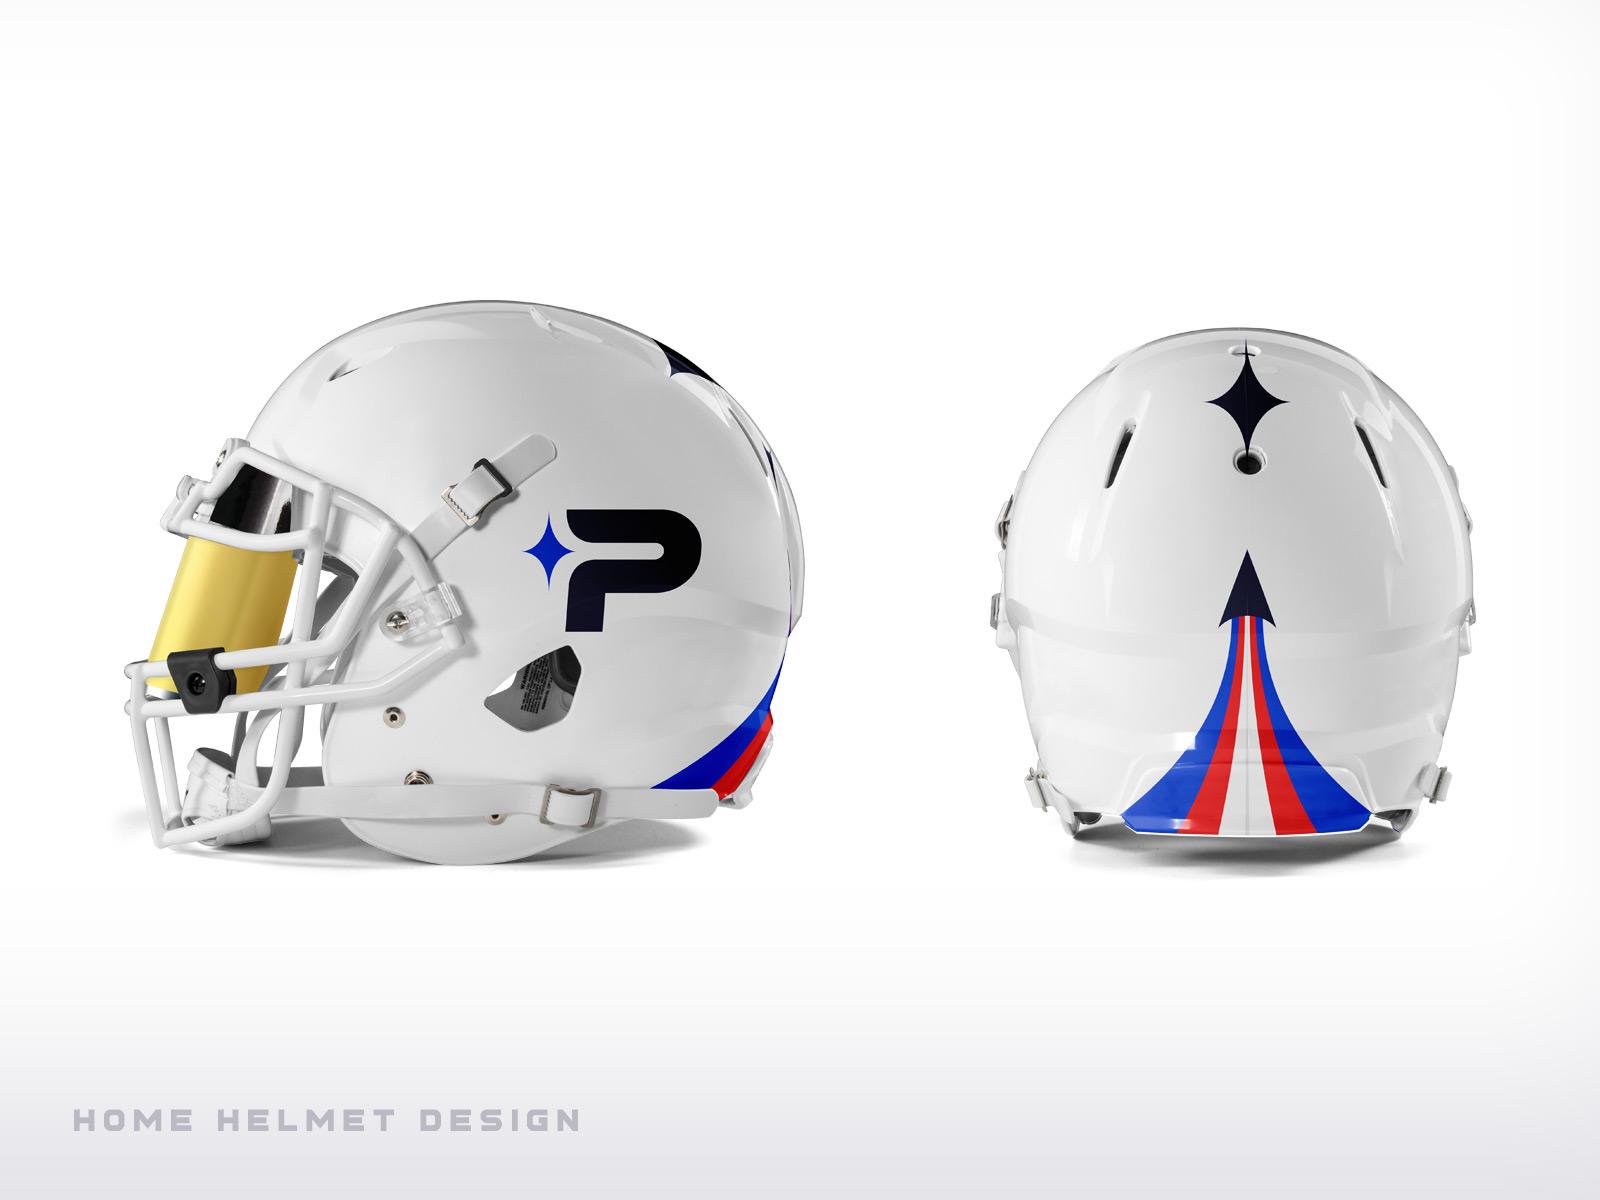 06 pioneers home helmets